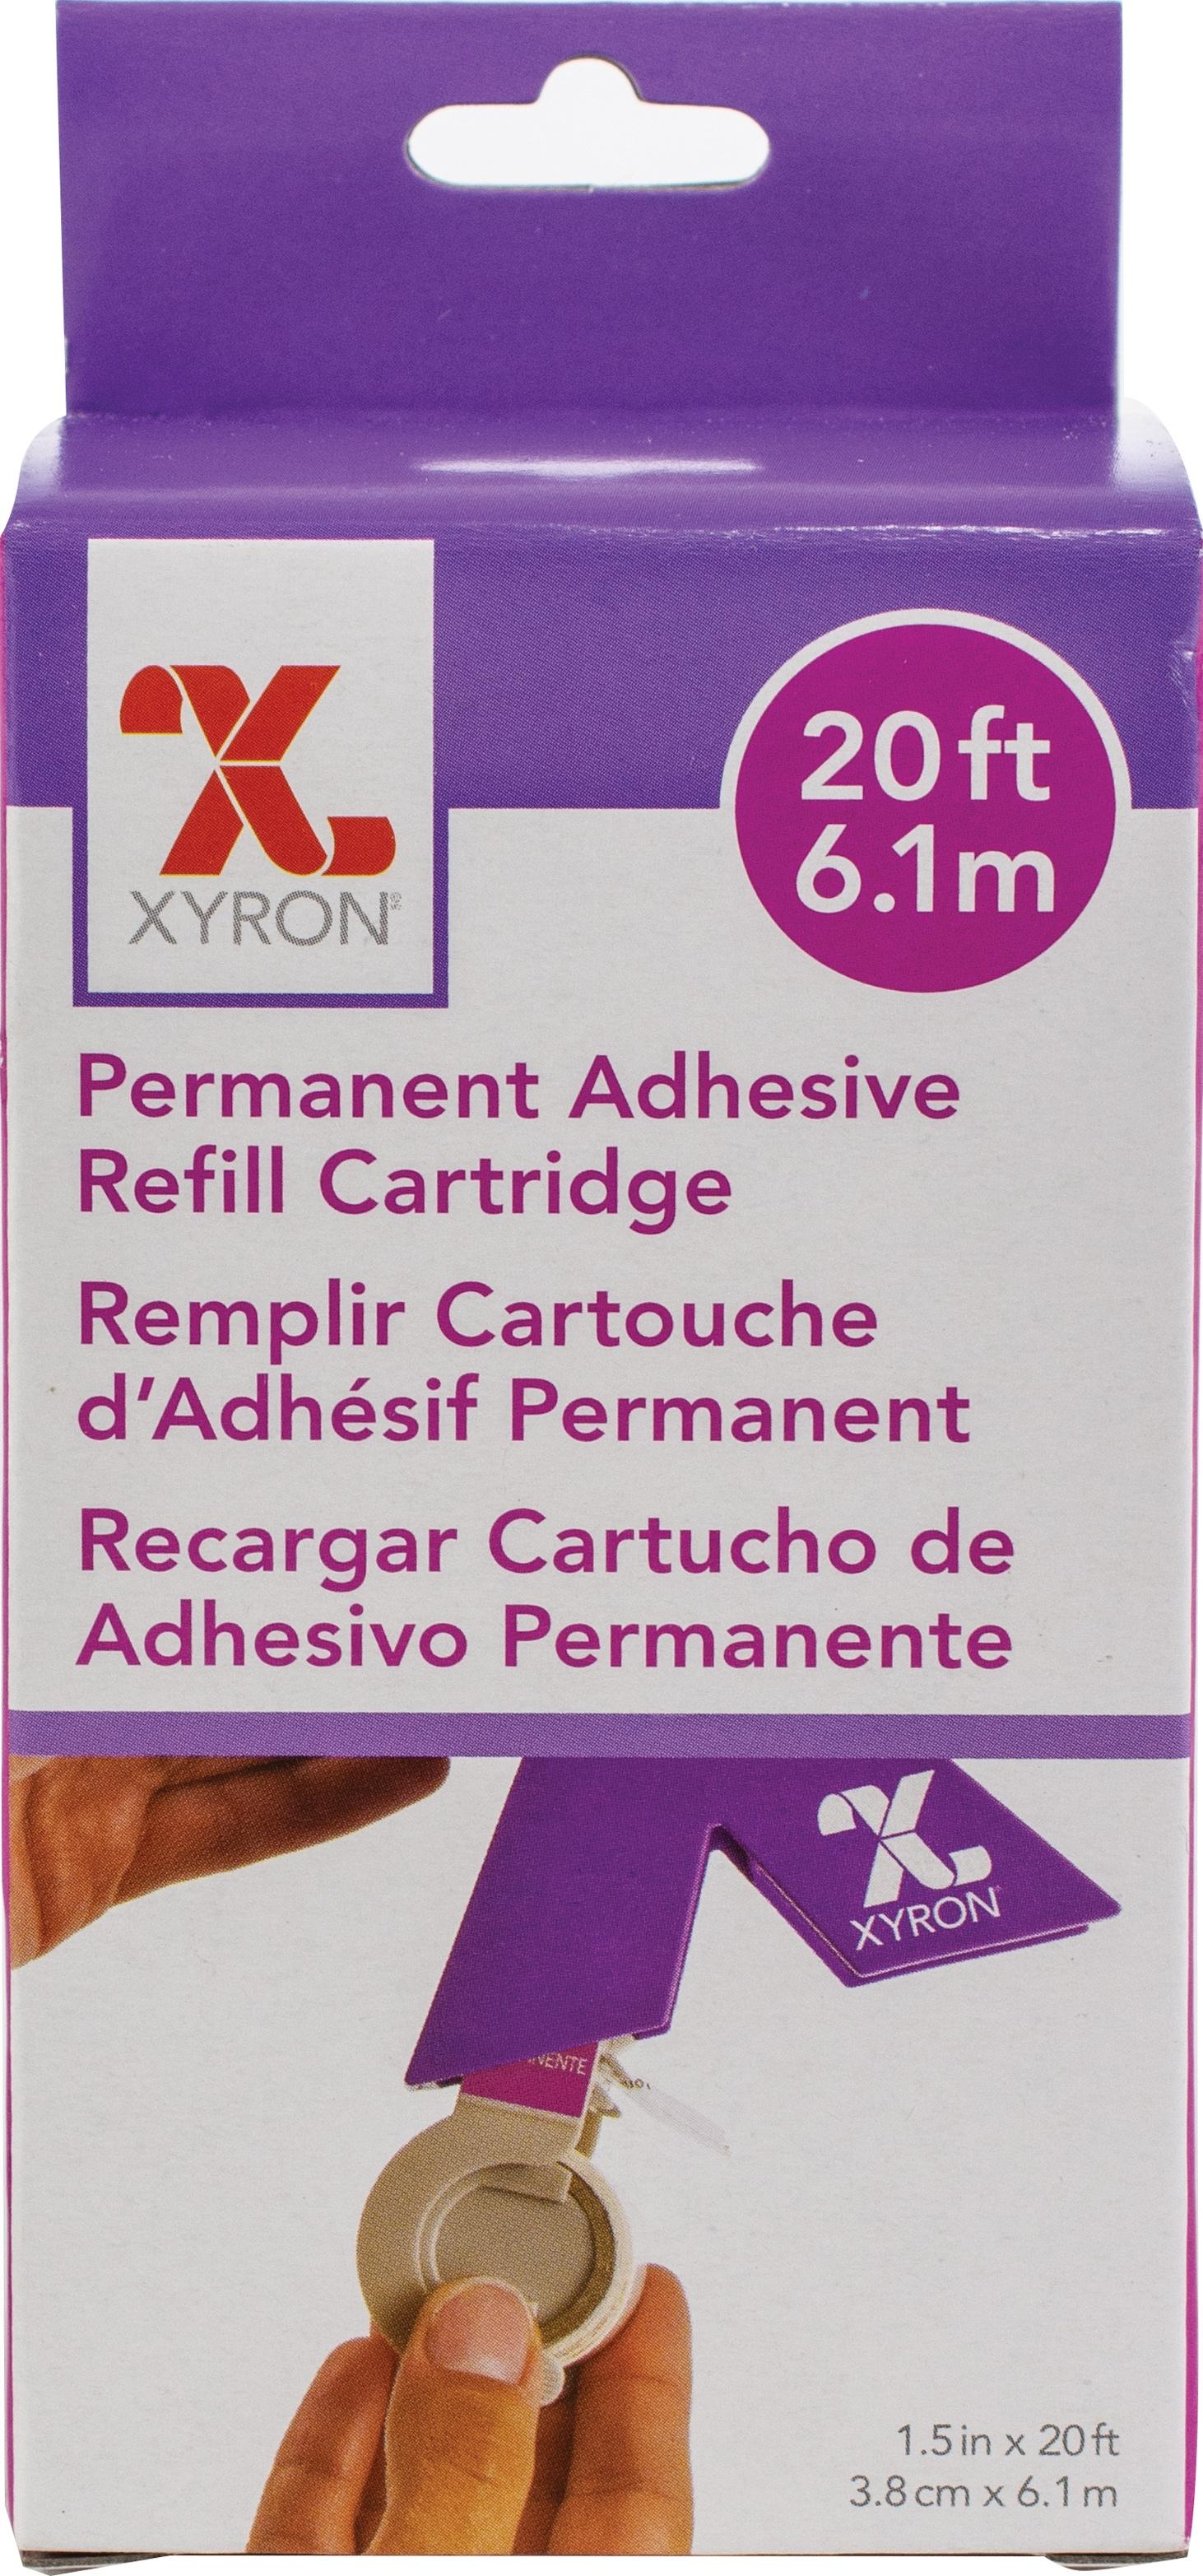 Xyron 150 Refill Cartridge-1.5X20' Permanent